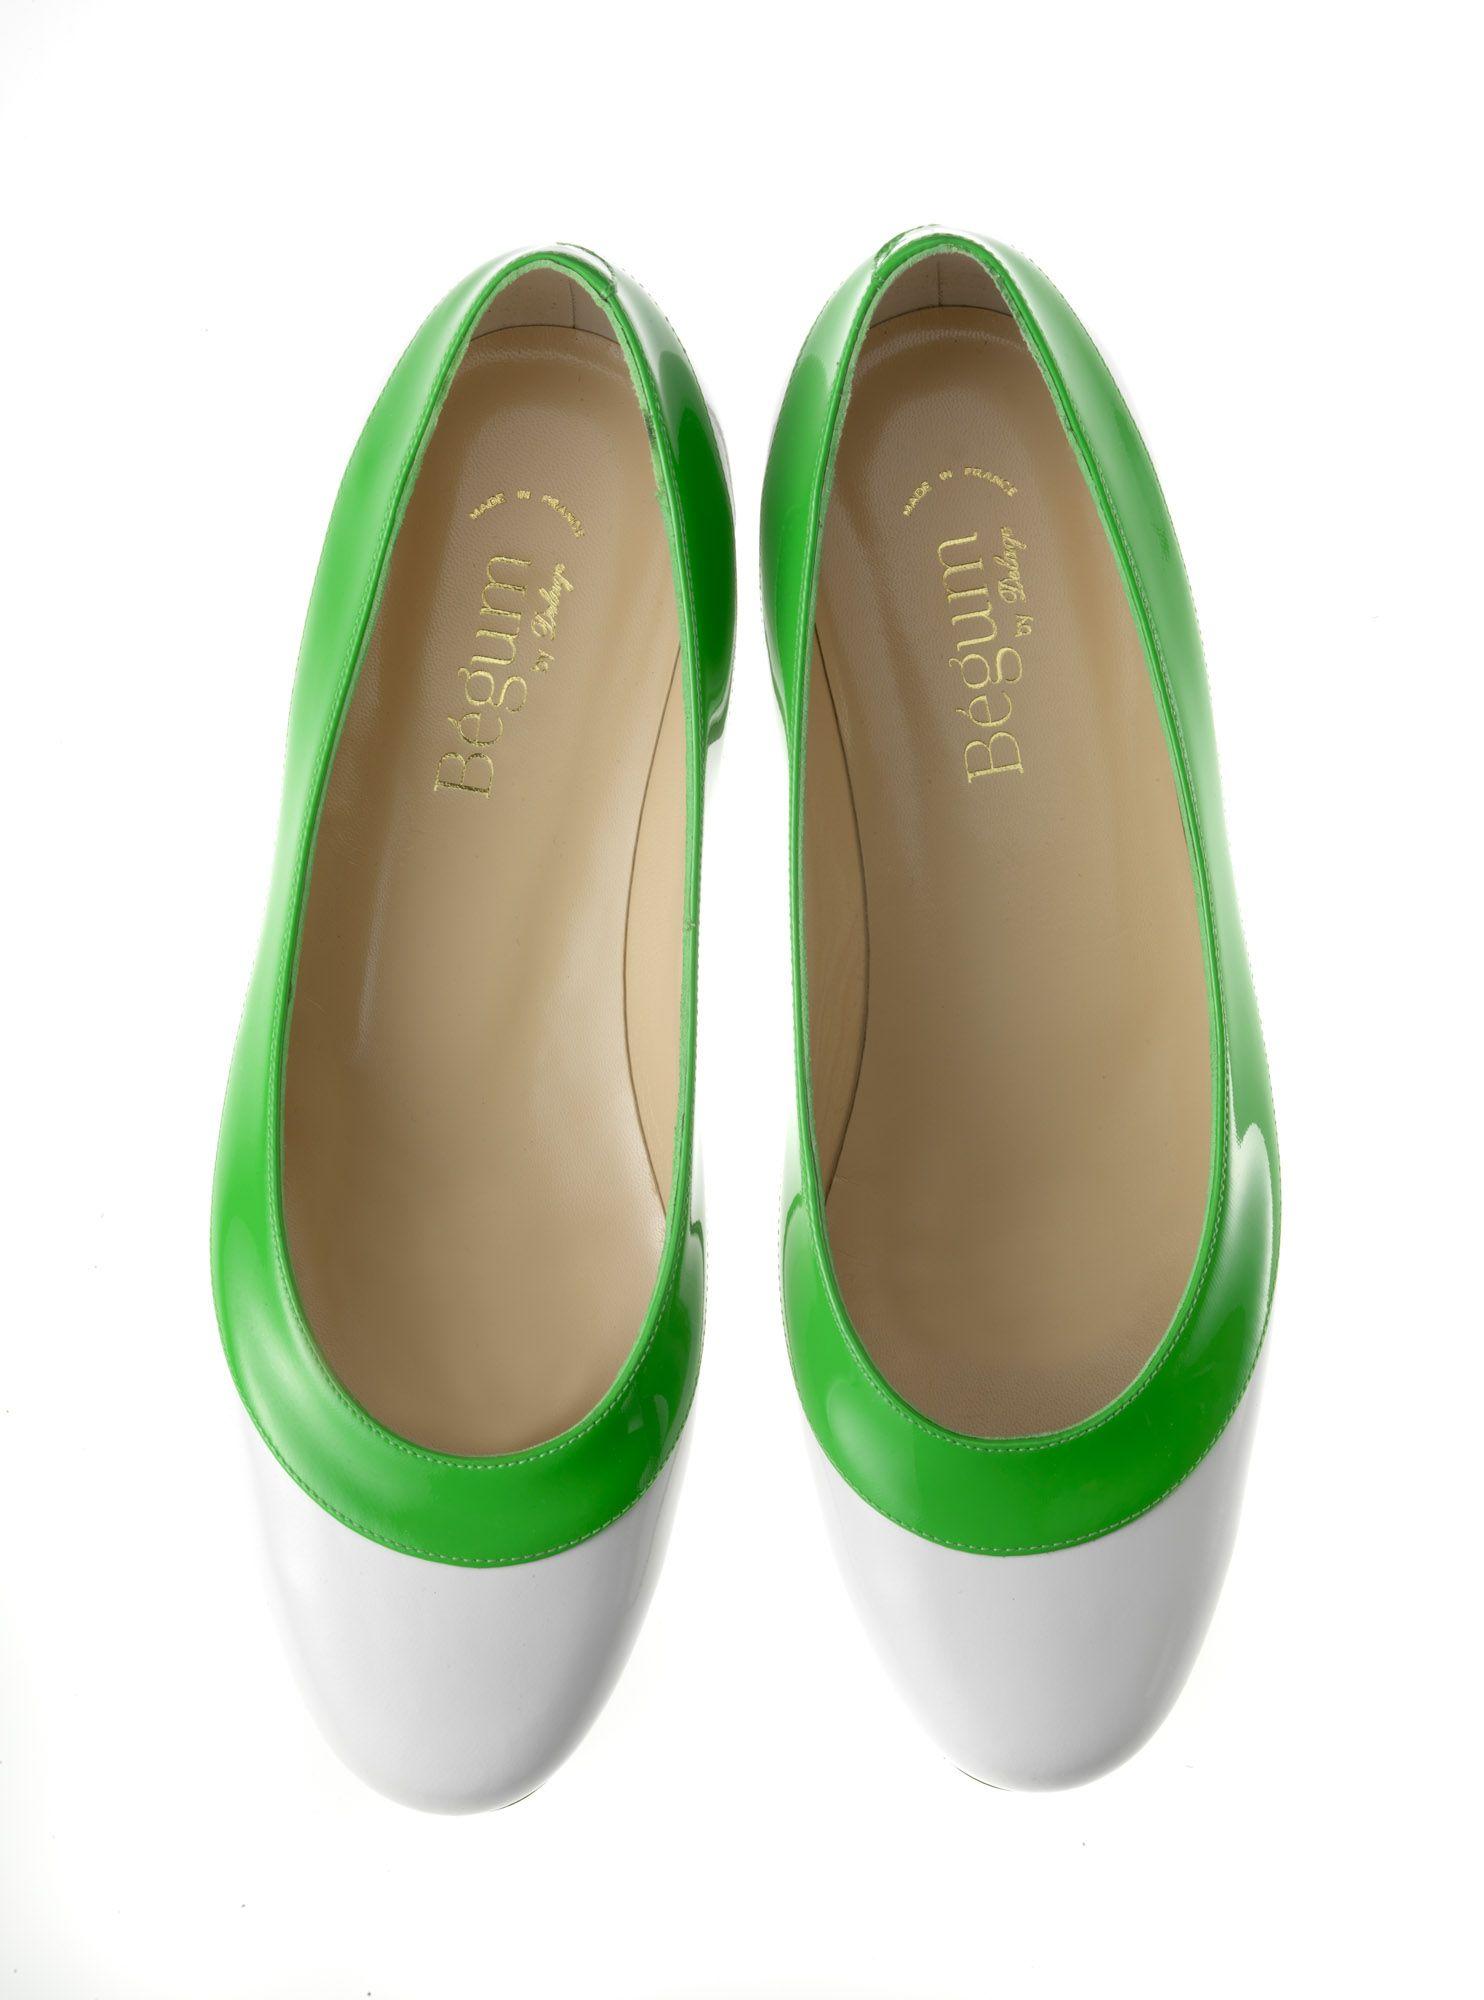 Ballerines vernies vertes et blanches